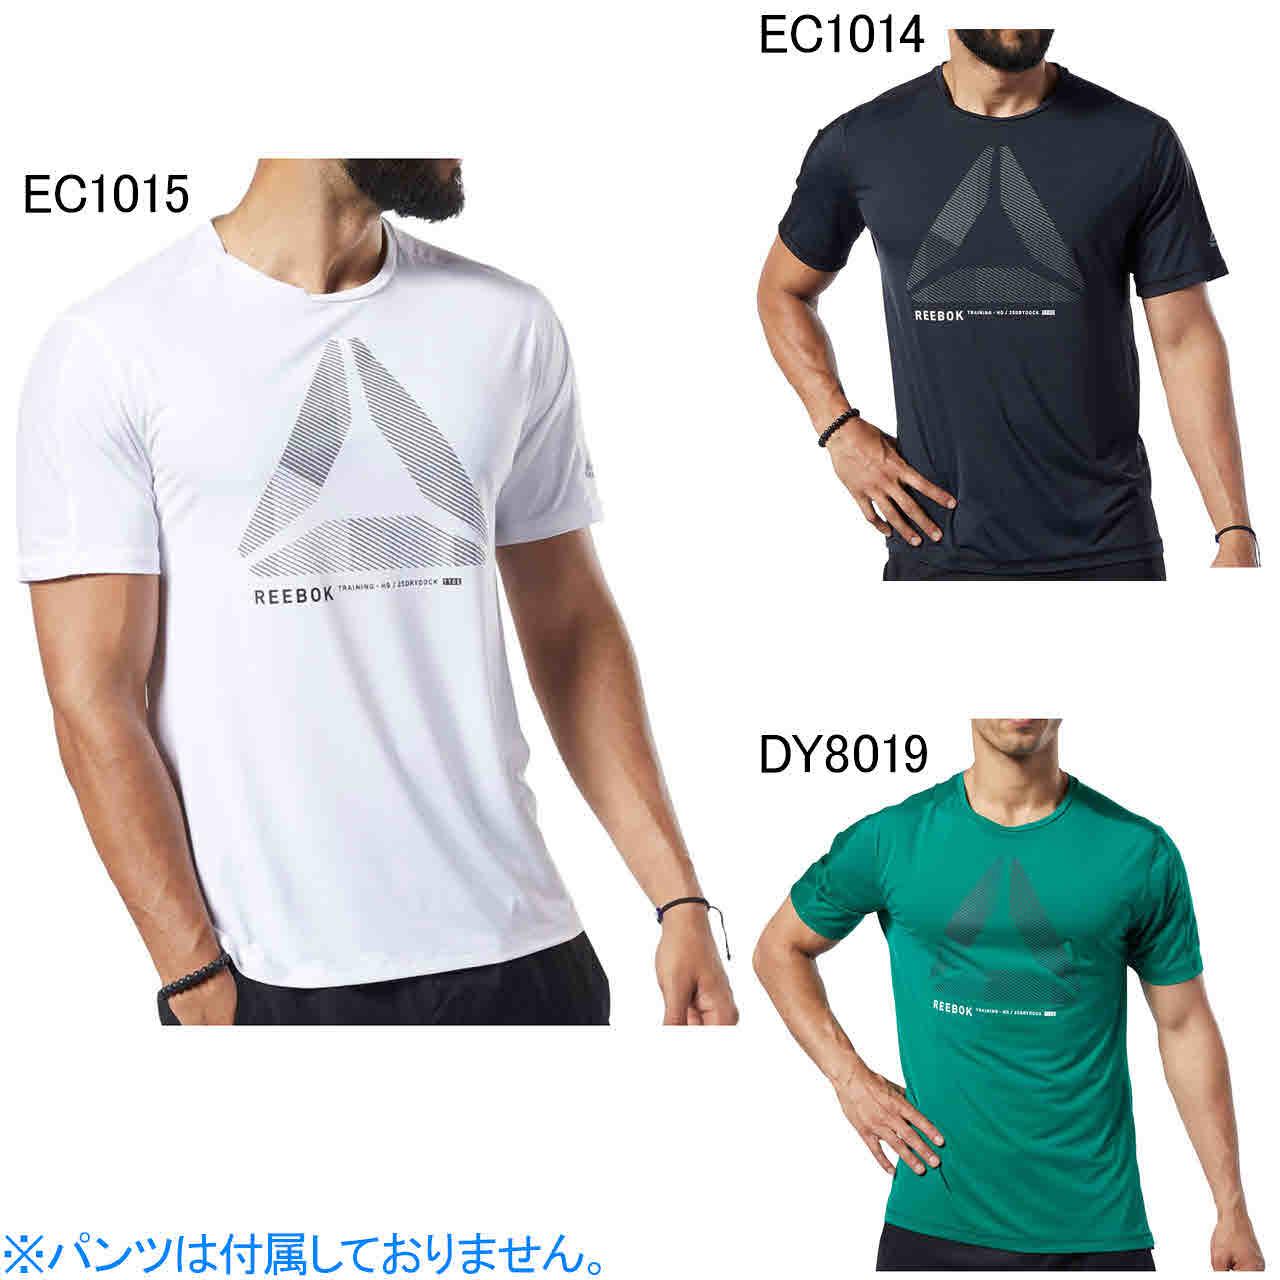 リーボック ワンシリーズ ACTIVCHILL MOVE Tシャツ Reebok FVL57